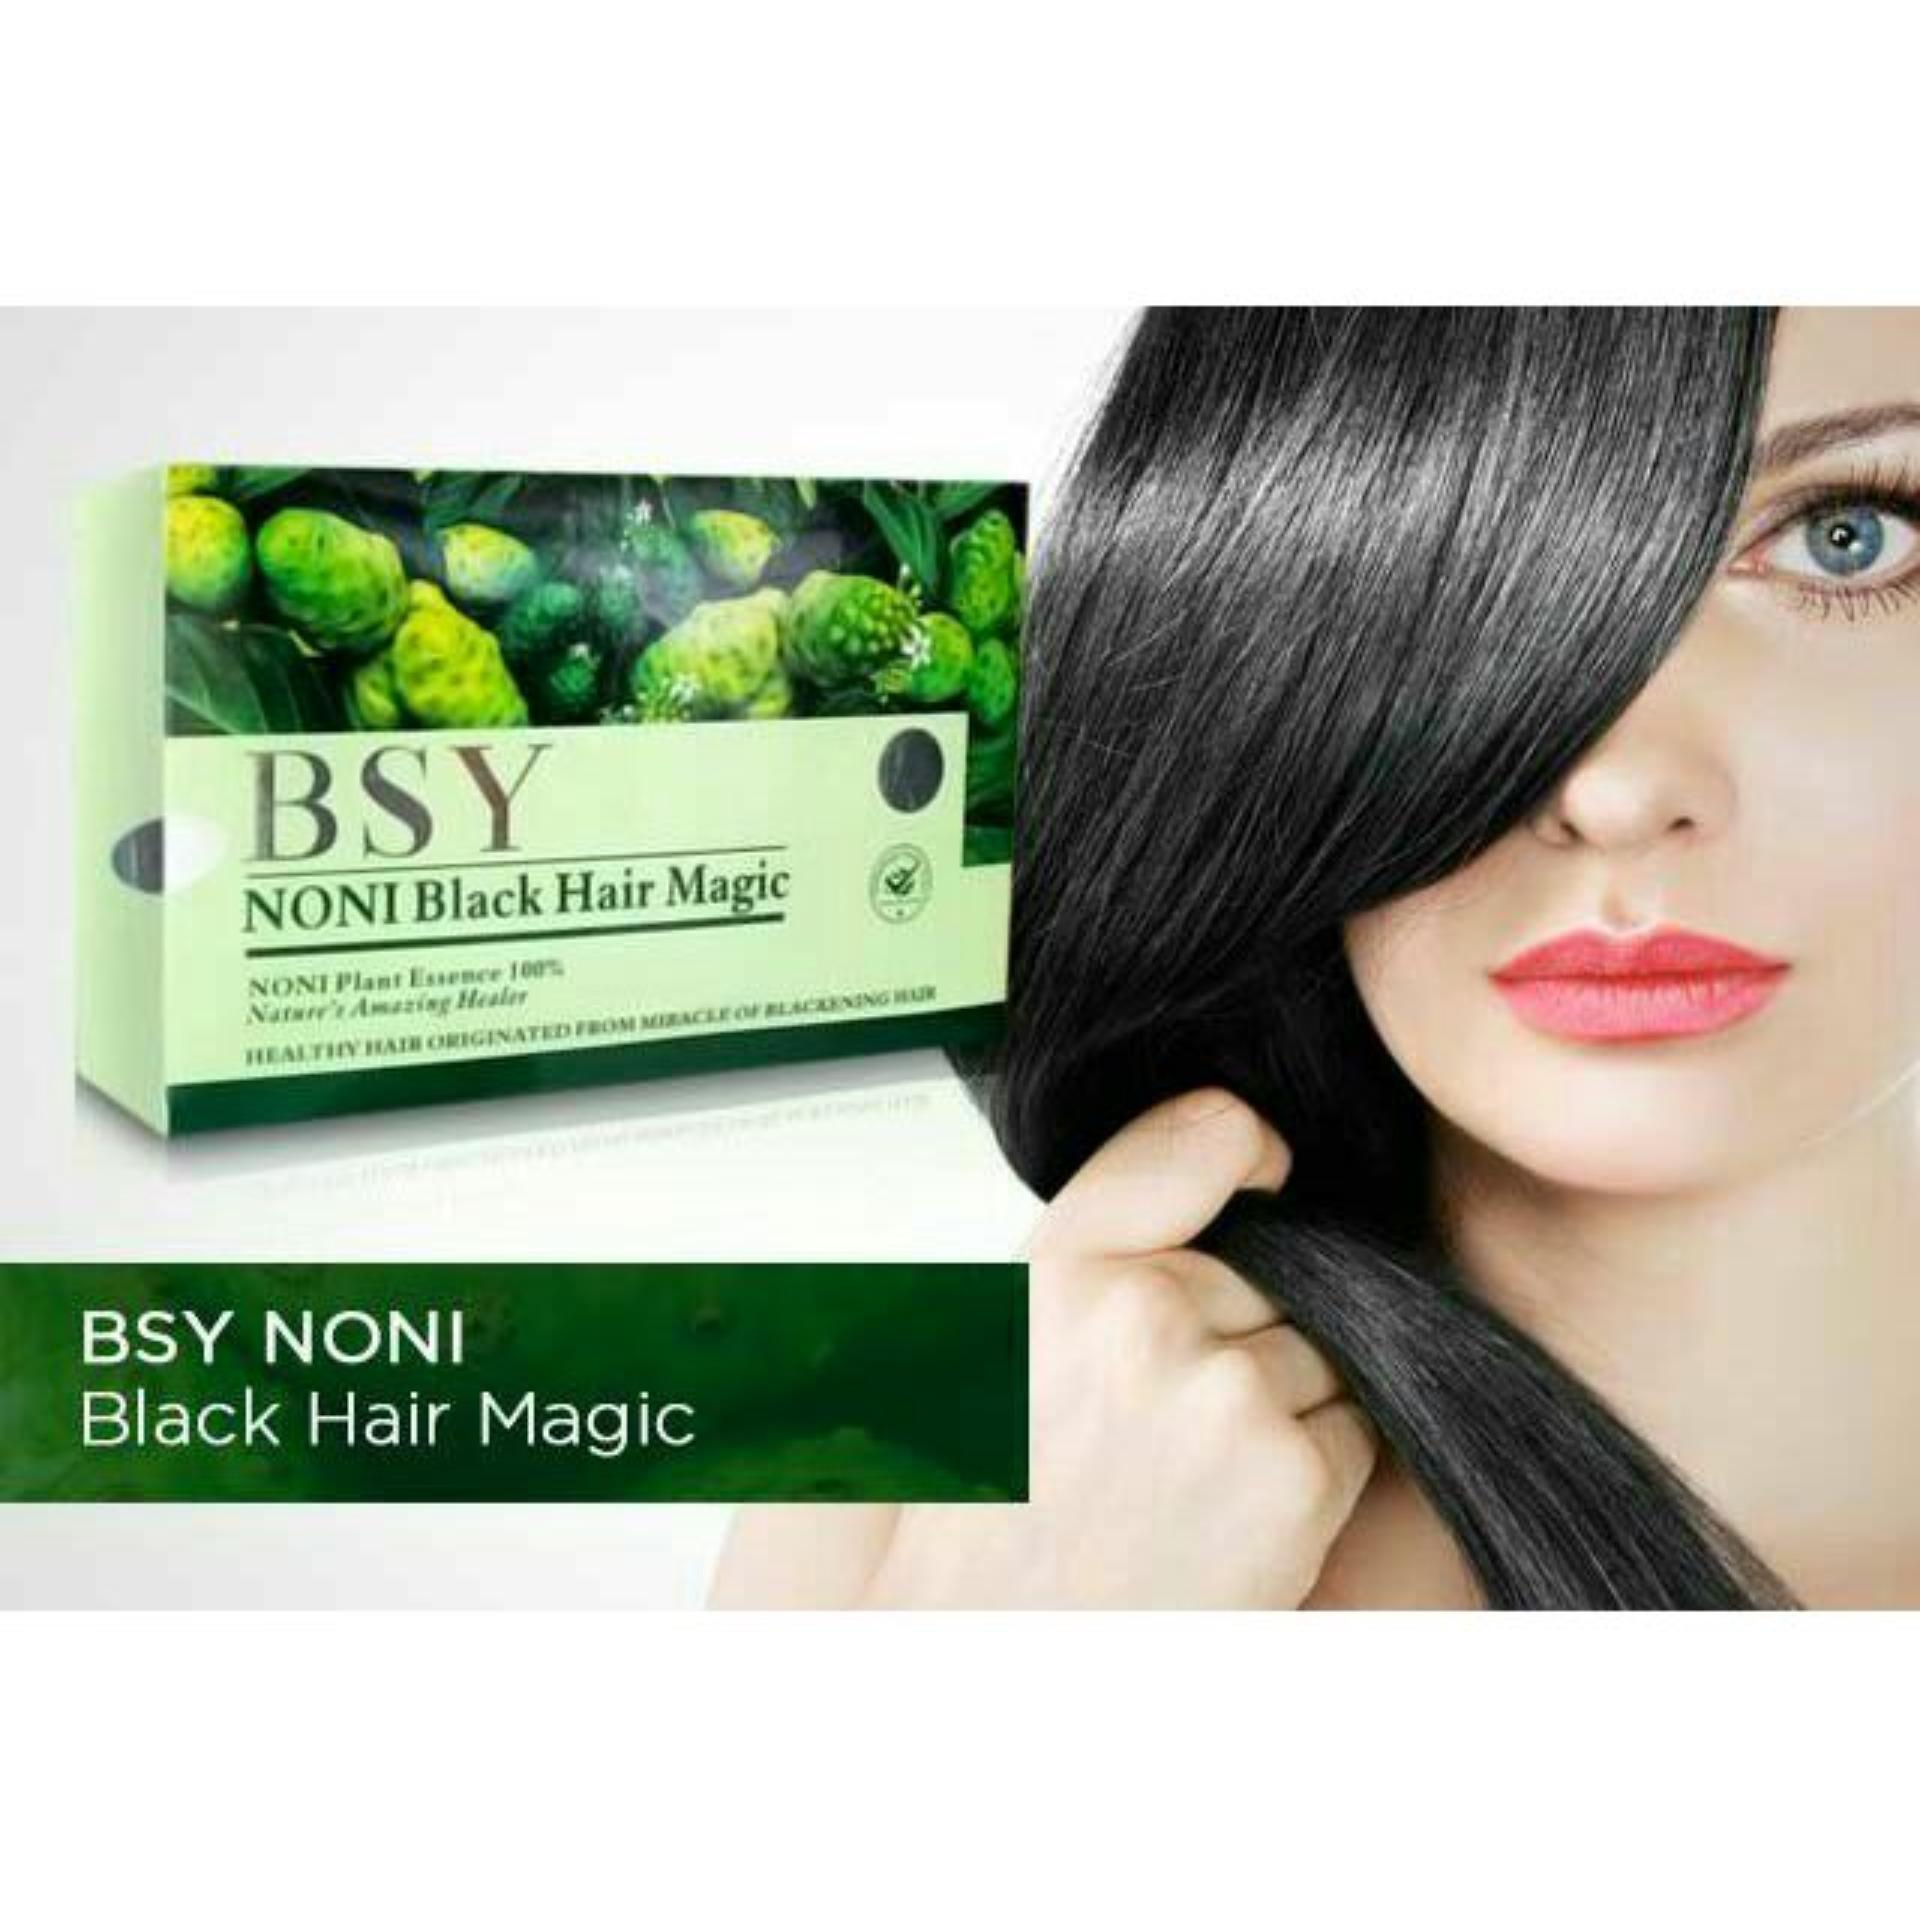 Produk Terbaru Black Magic Kemiri Shampoo Dan Keunggulannya Harga Bmks Bsy Noni